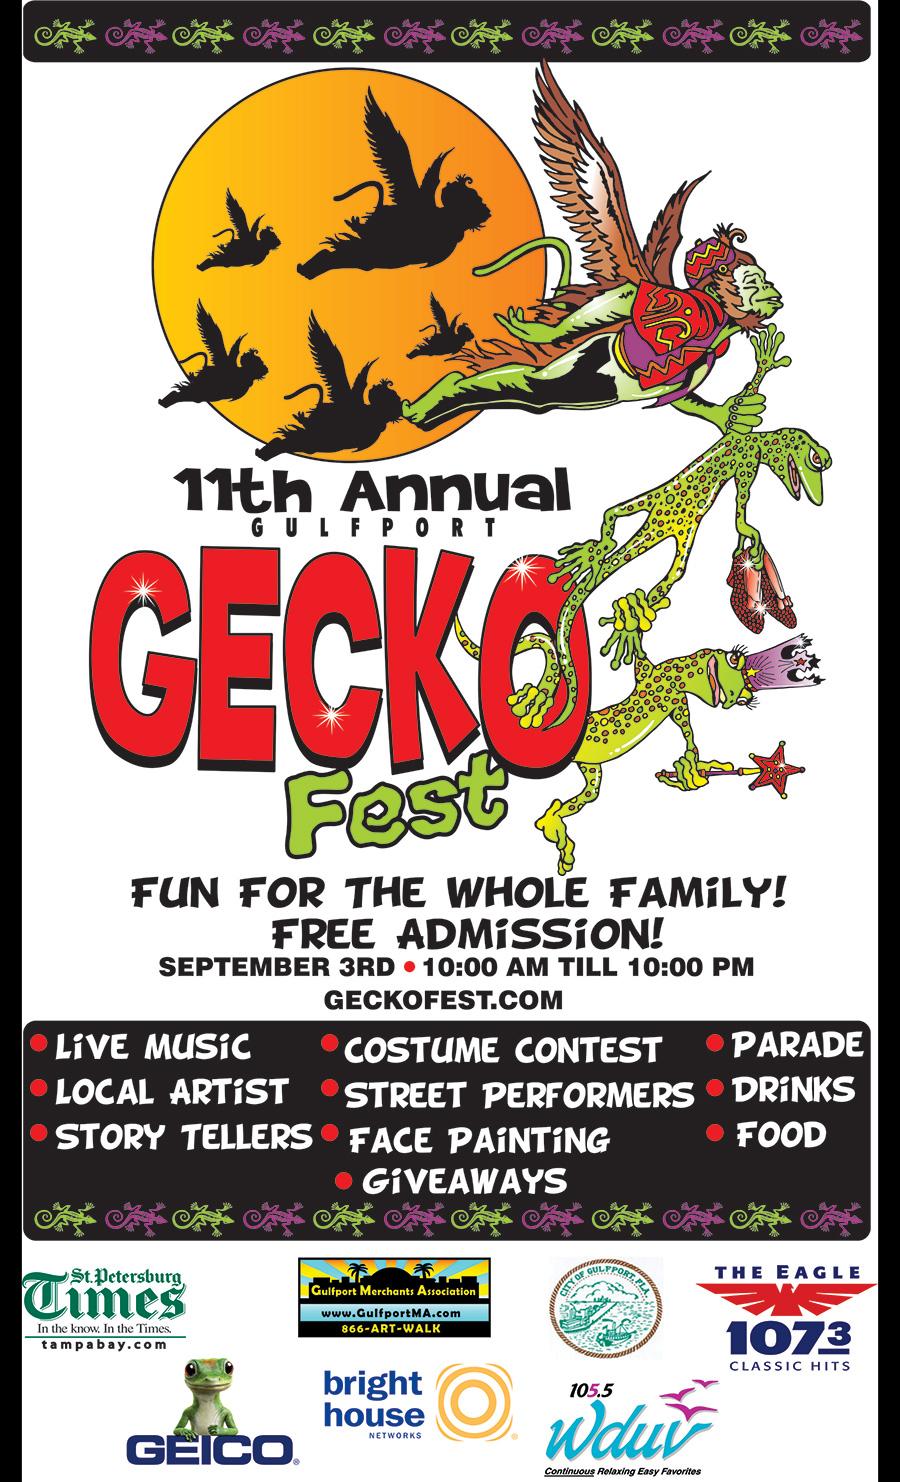 GeckoFest 2011 Flyer